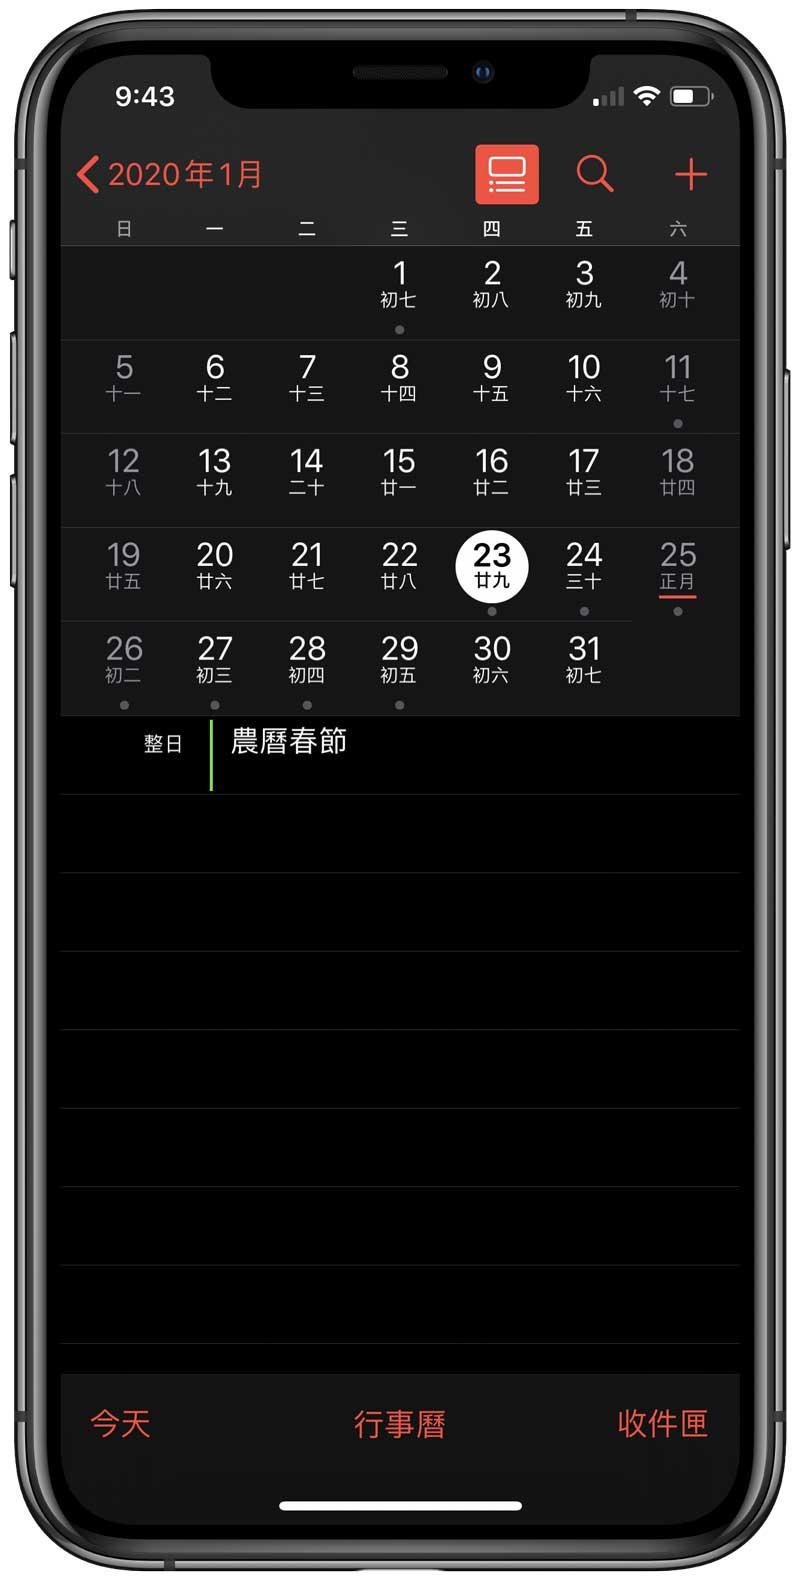 iOS 訂閱2020年國定假日教學5